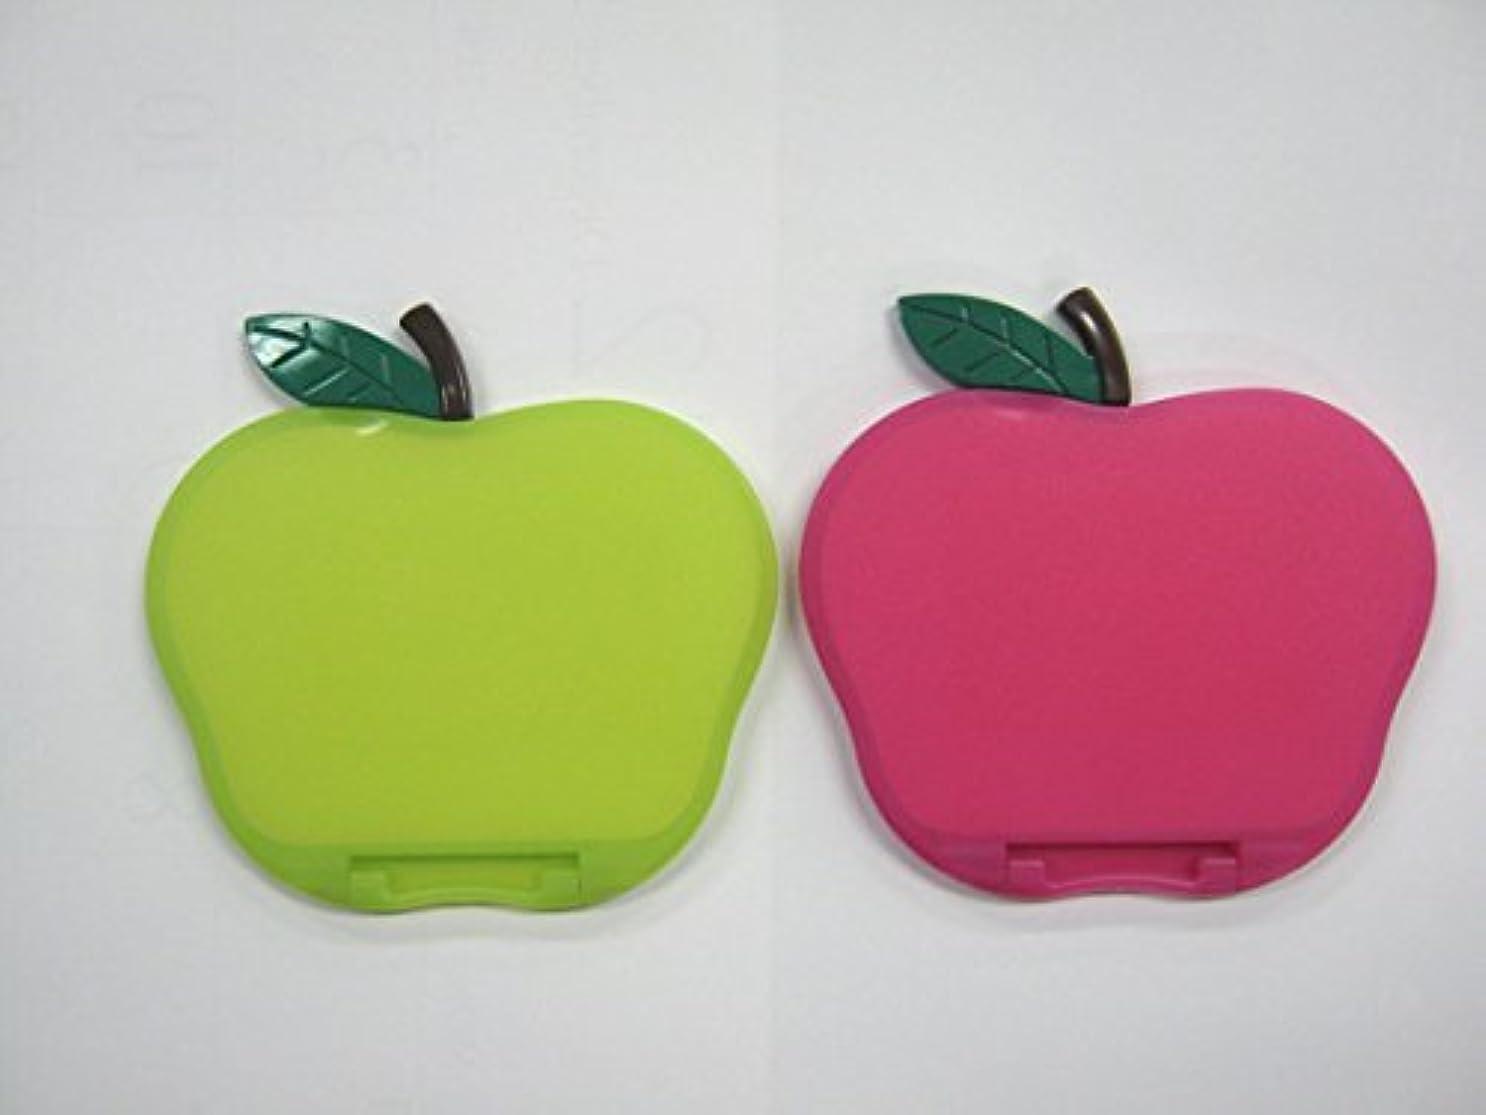 誰でもゼロ尽きるリンゴ型コンパクトミラー カラー:ピンク、グリーン AP580 (グリーン)